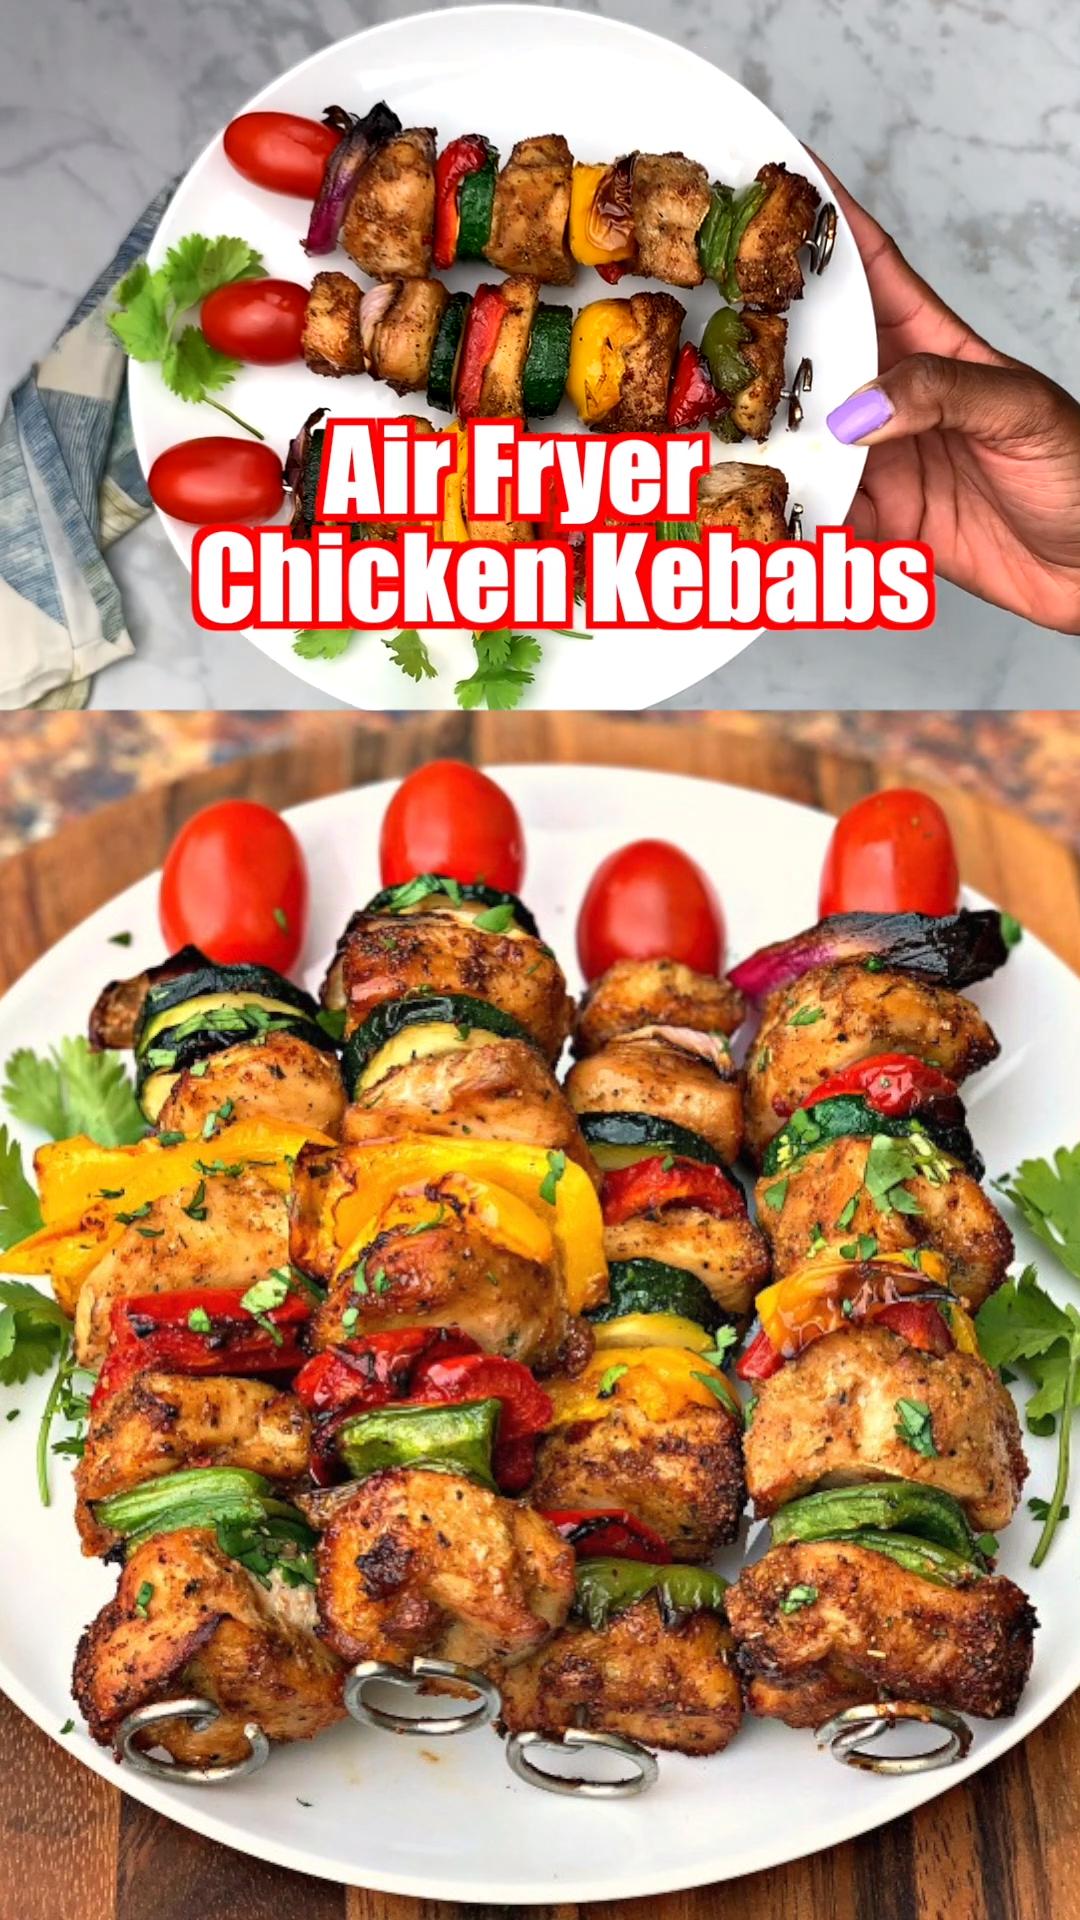 Easy, Air Fryer Grilled Chicken Kebabs